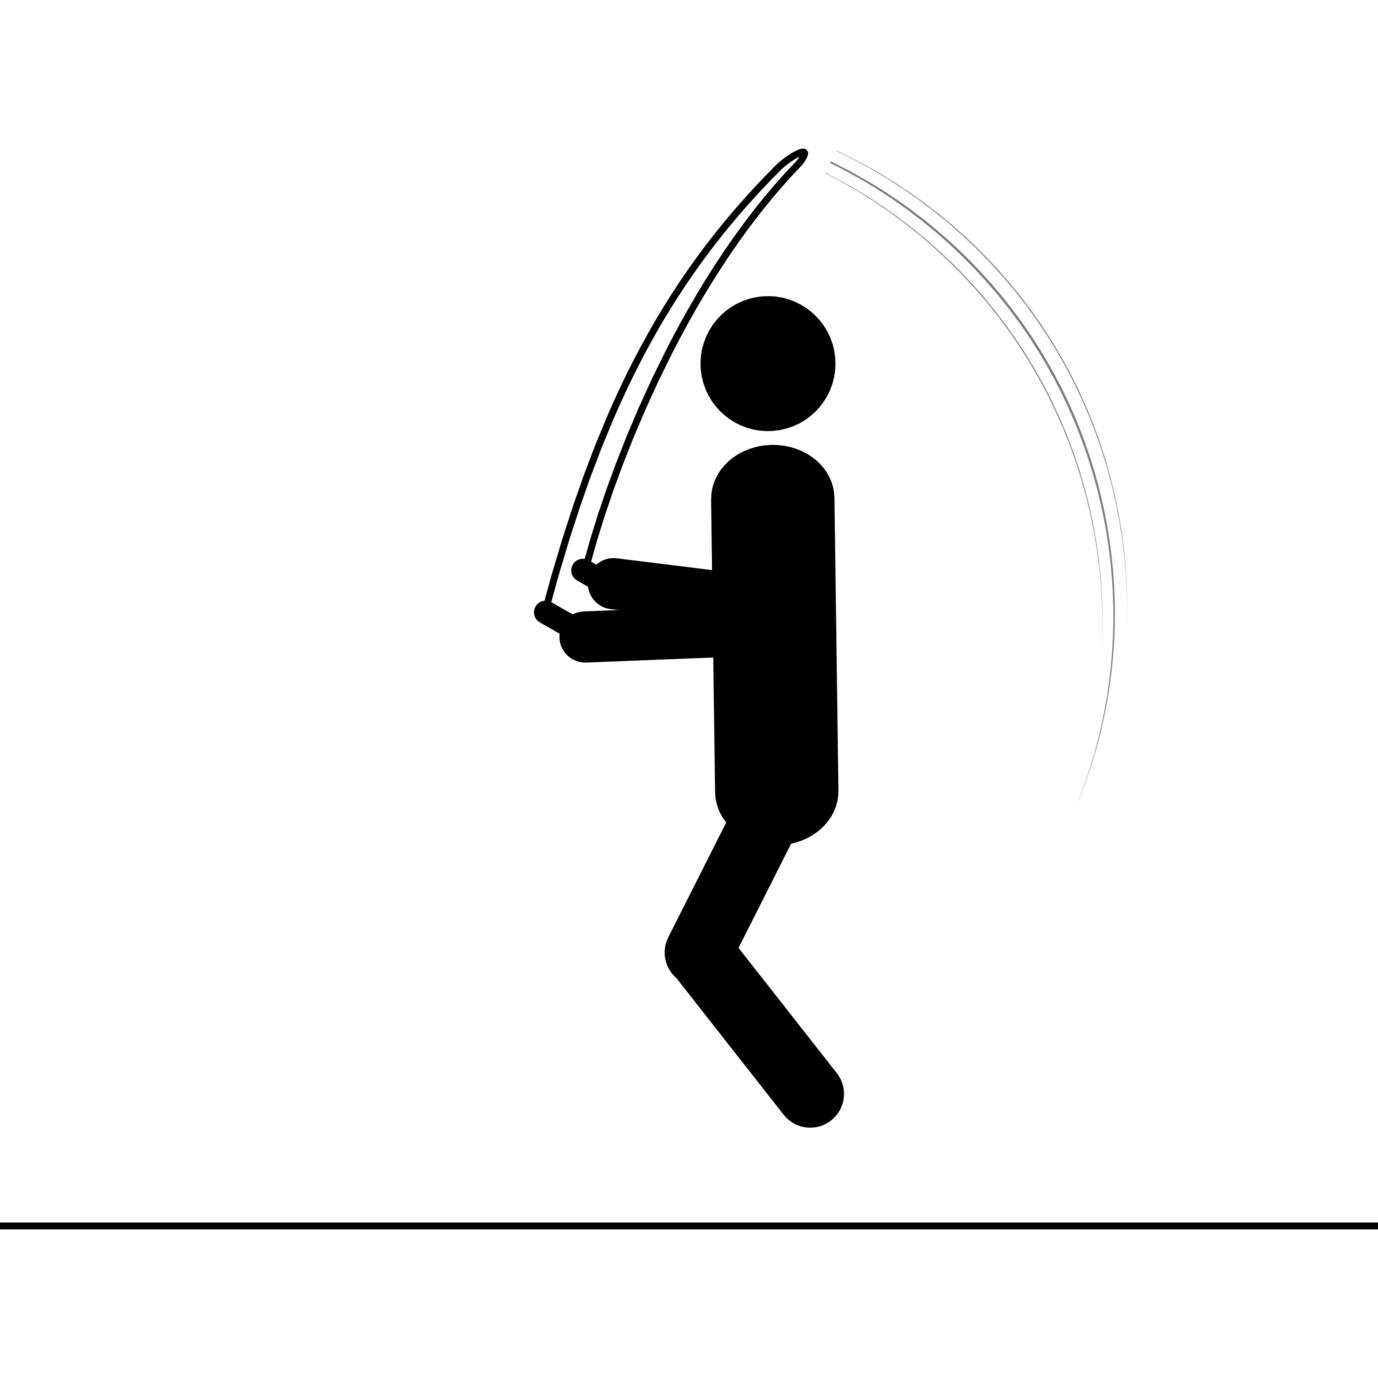 Silhouette corde à sauter - Sautiller.com